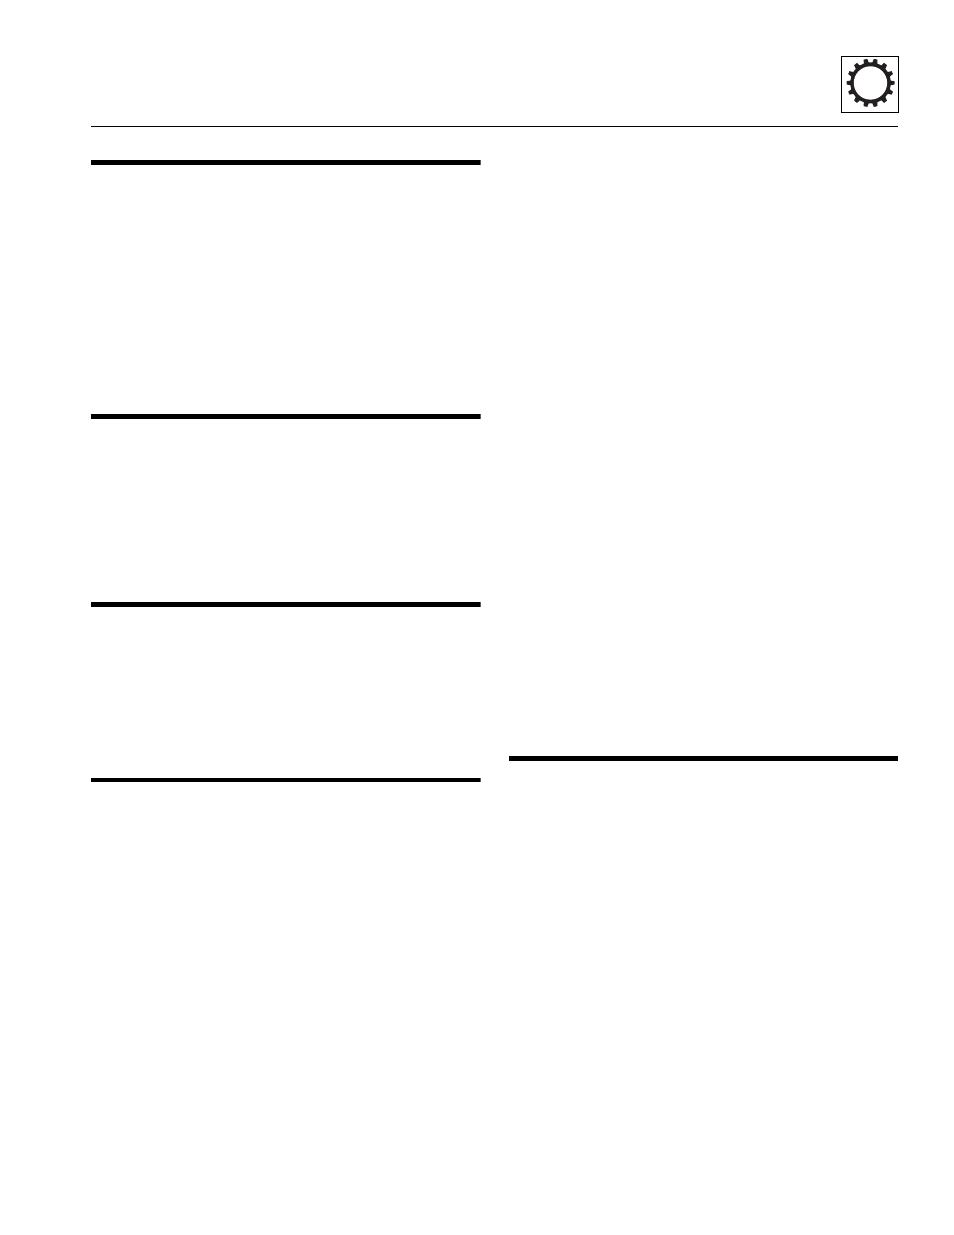 2 transmission description, 3 transmission serial number, 4